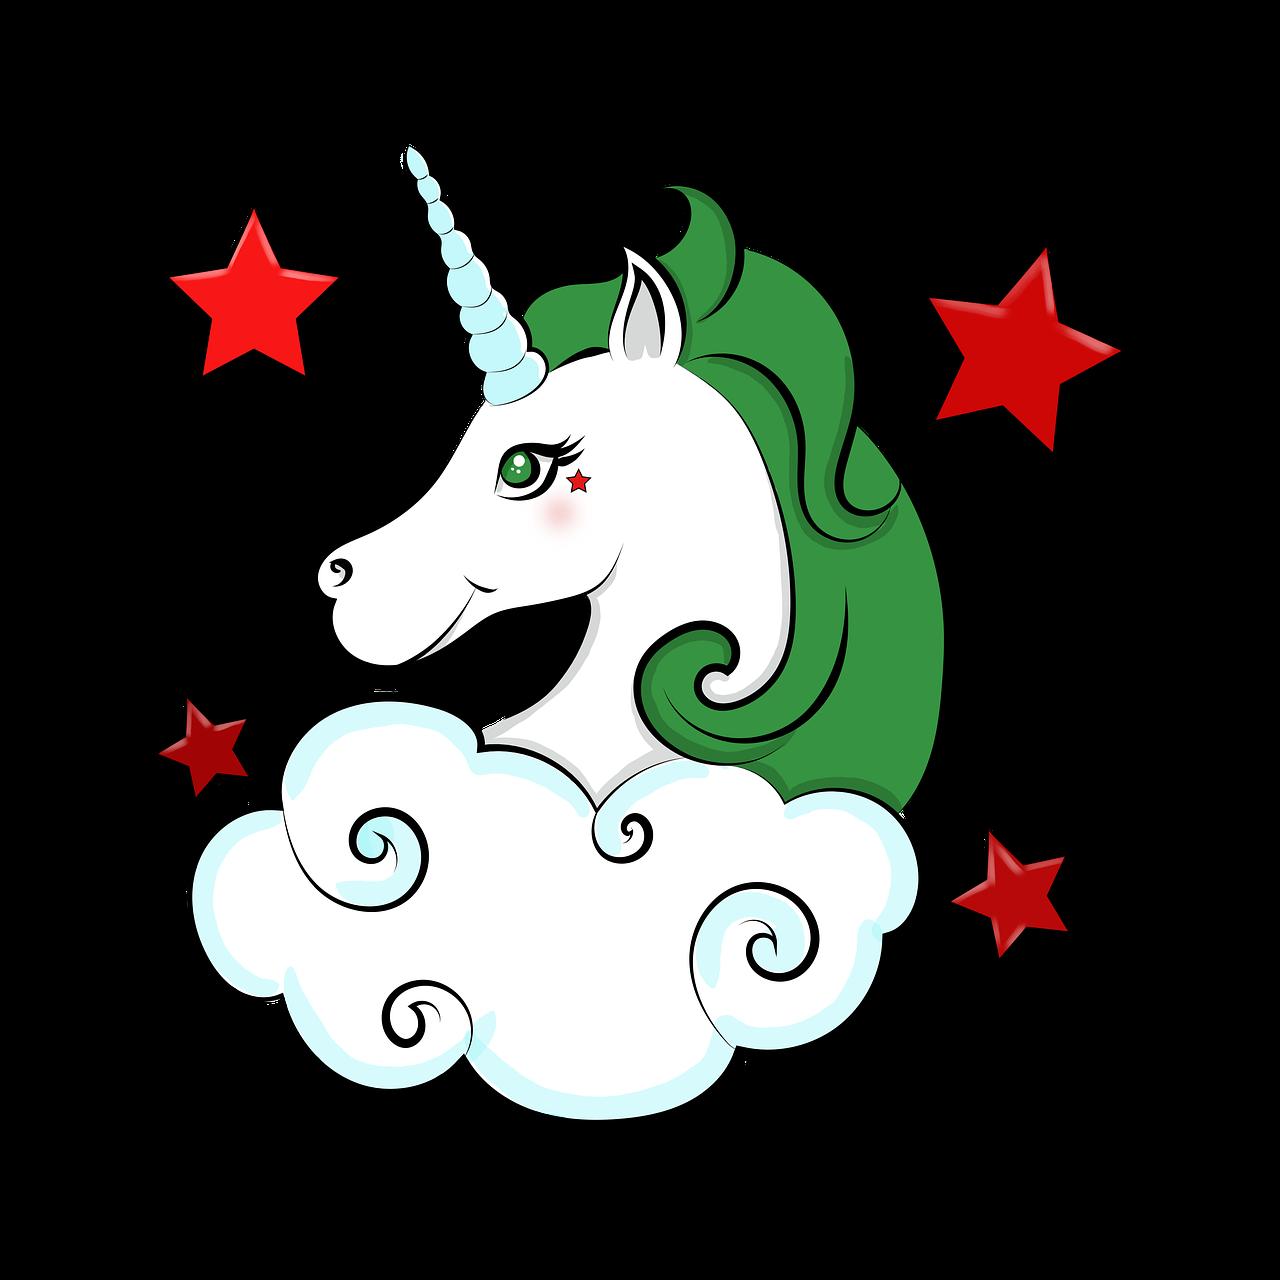 Drawing Unicorn Star Free Image On Pixabay